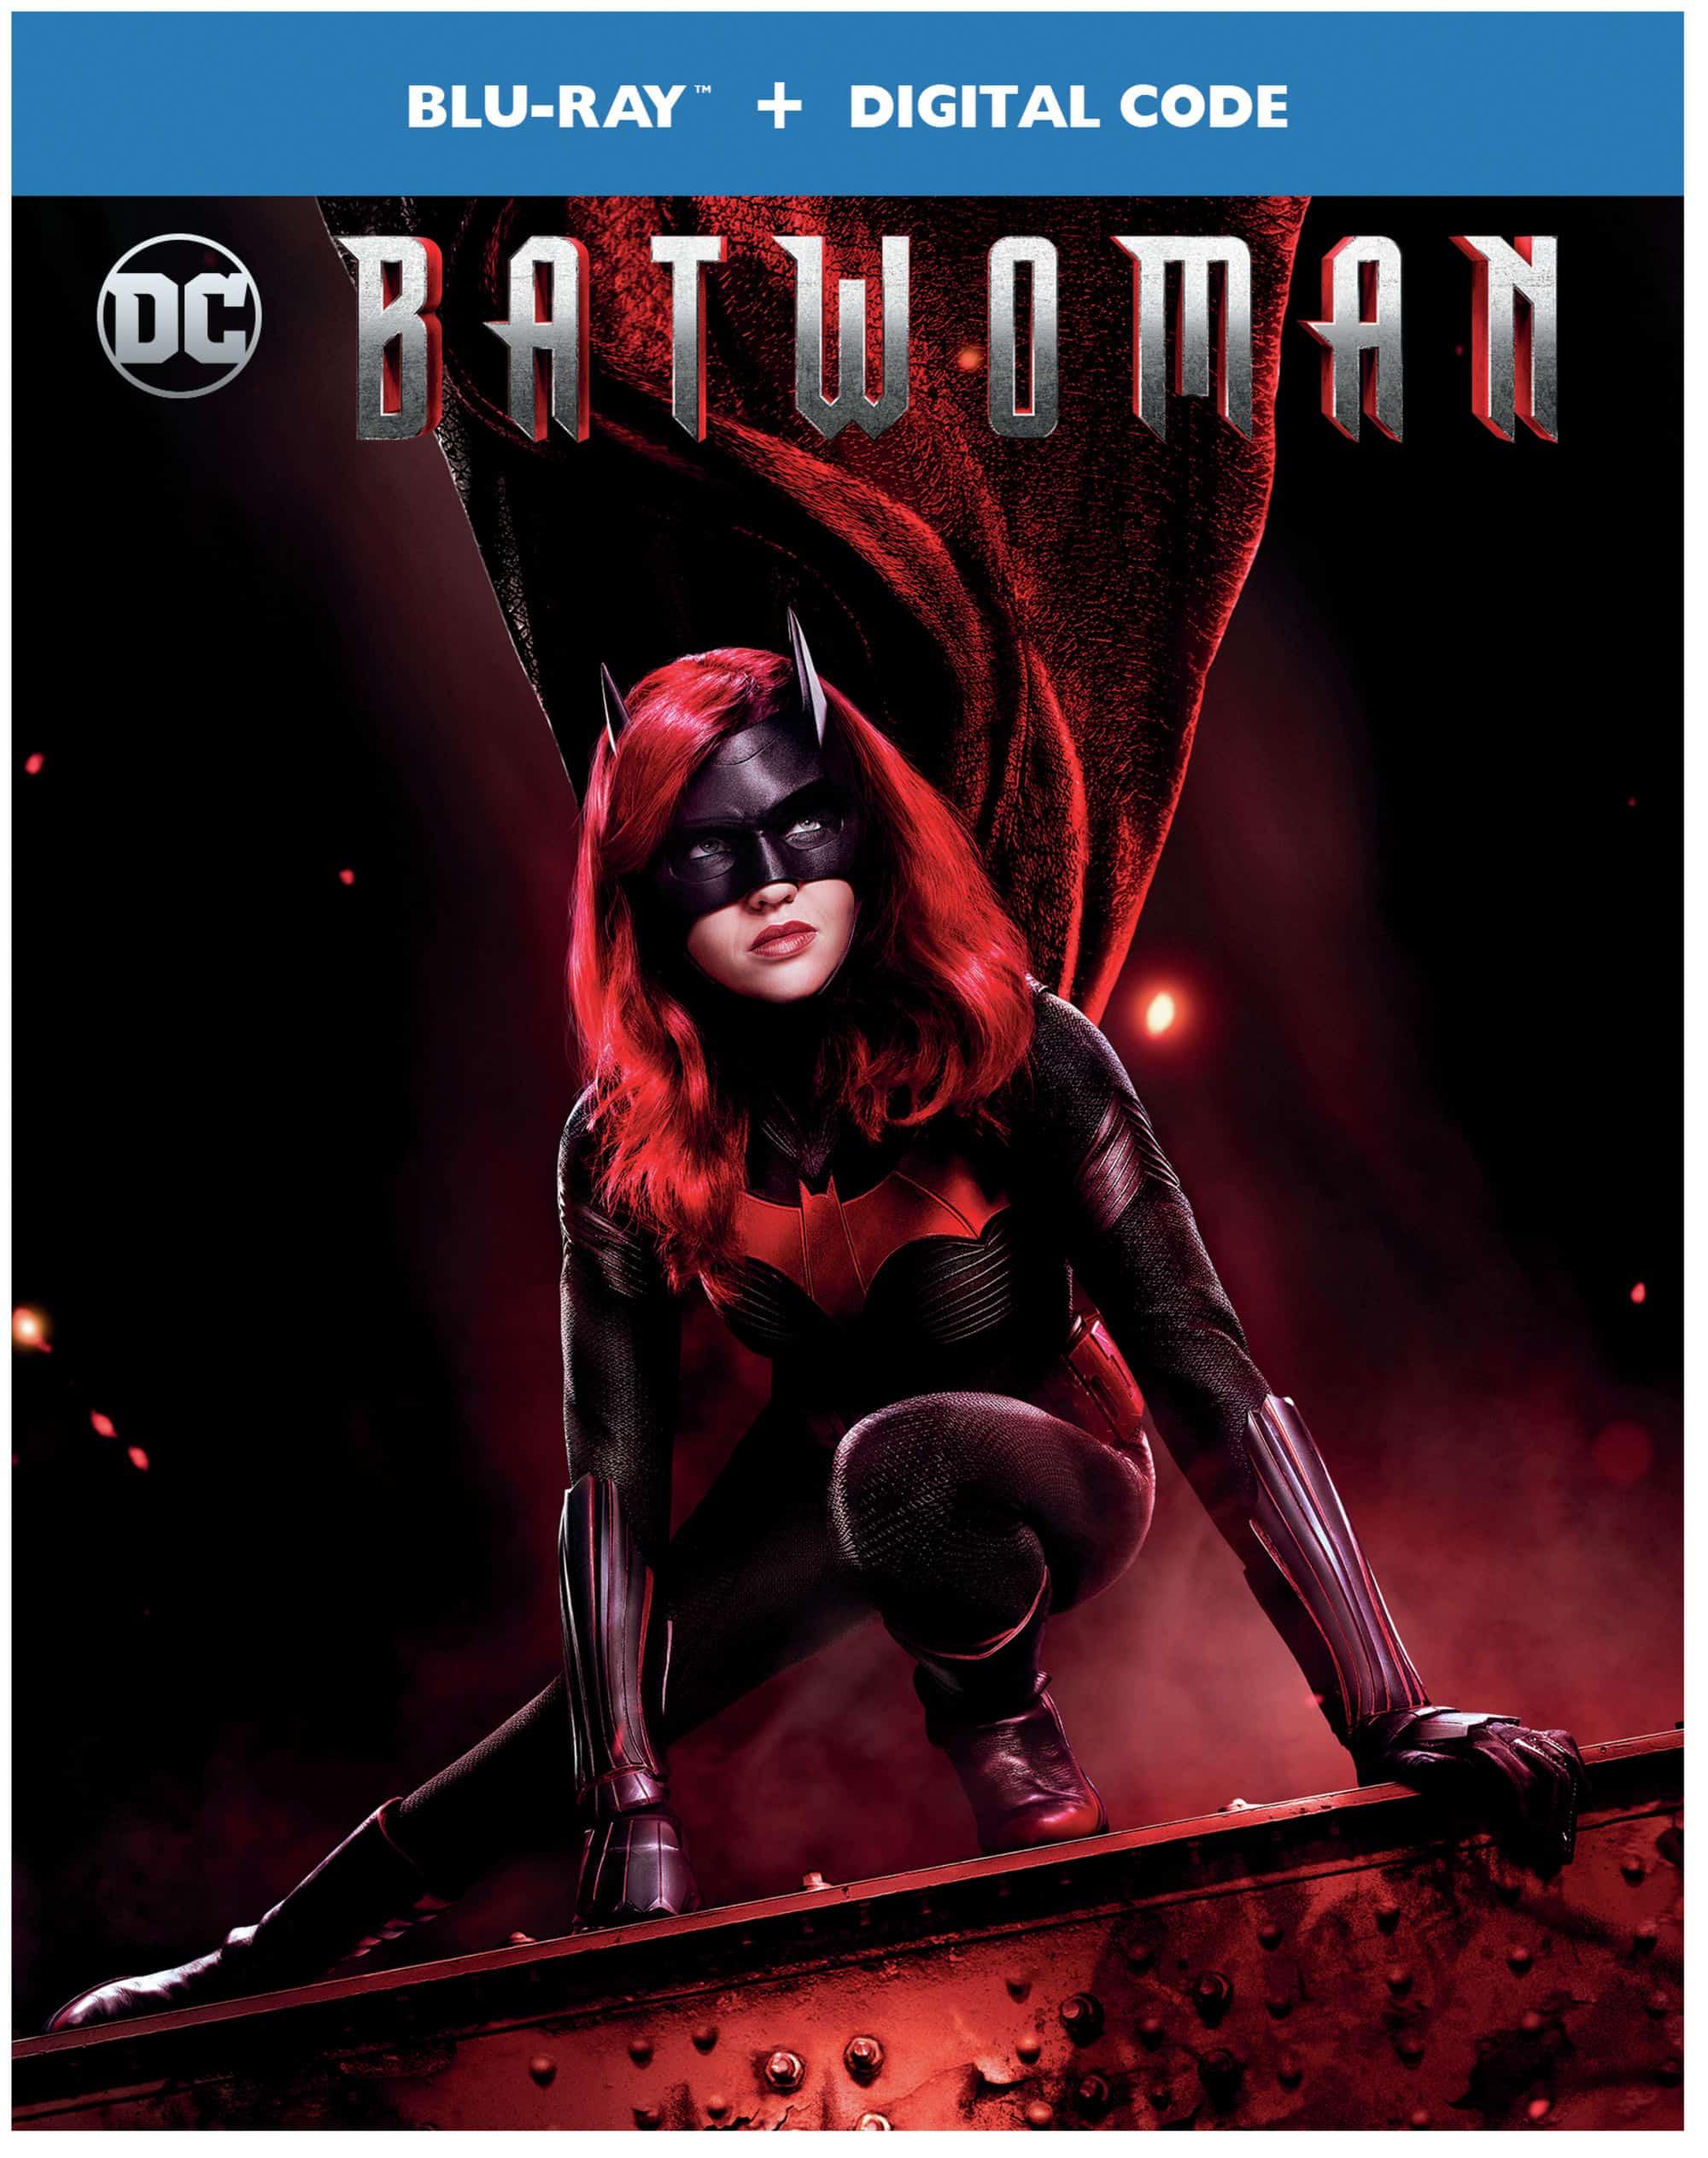 Batwoman Season 1 Blu-ray